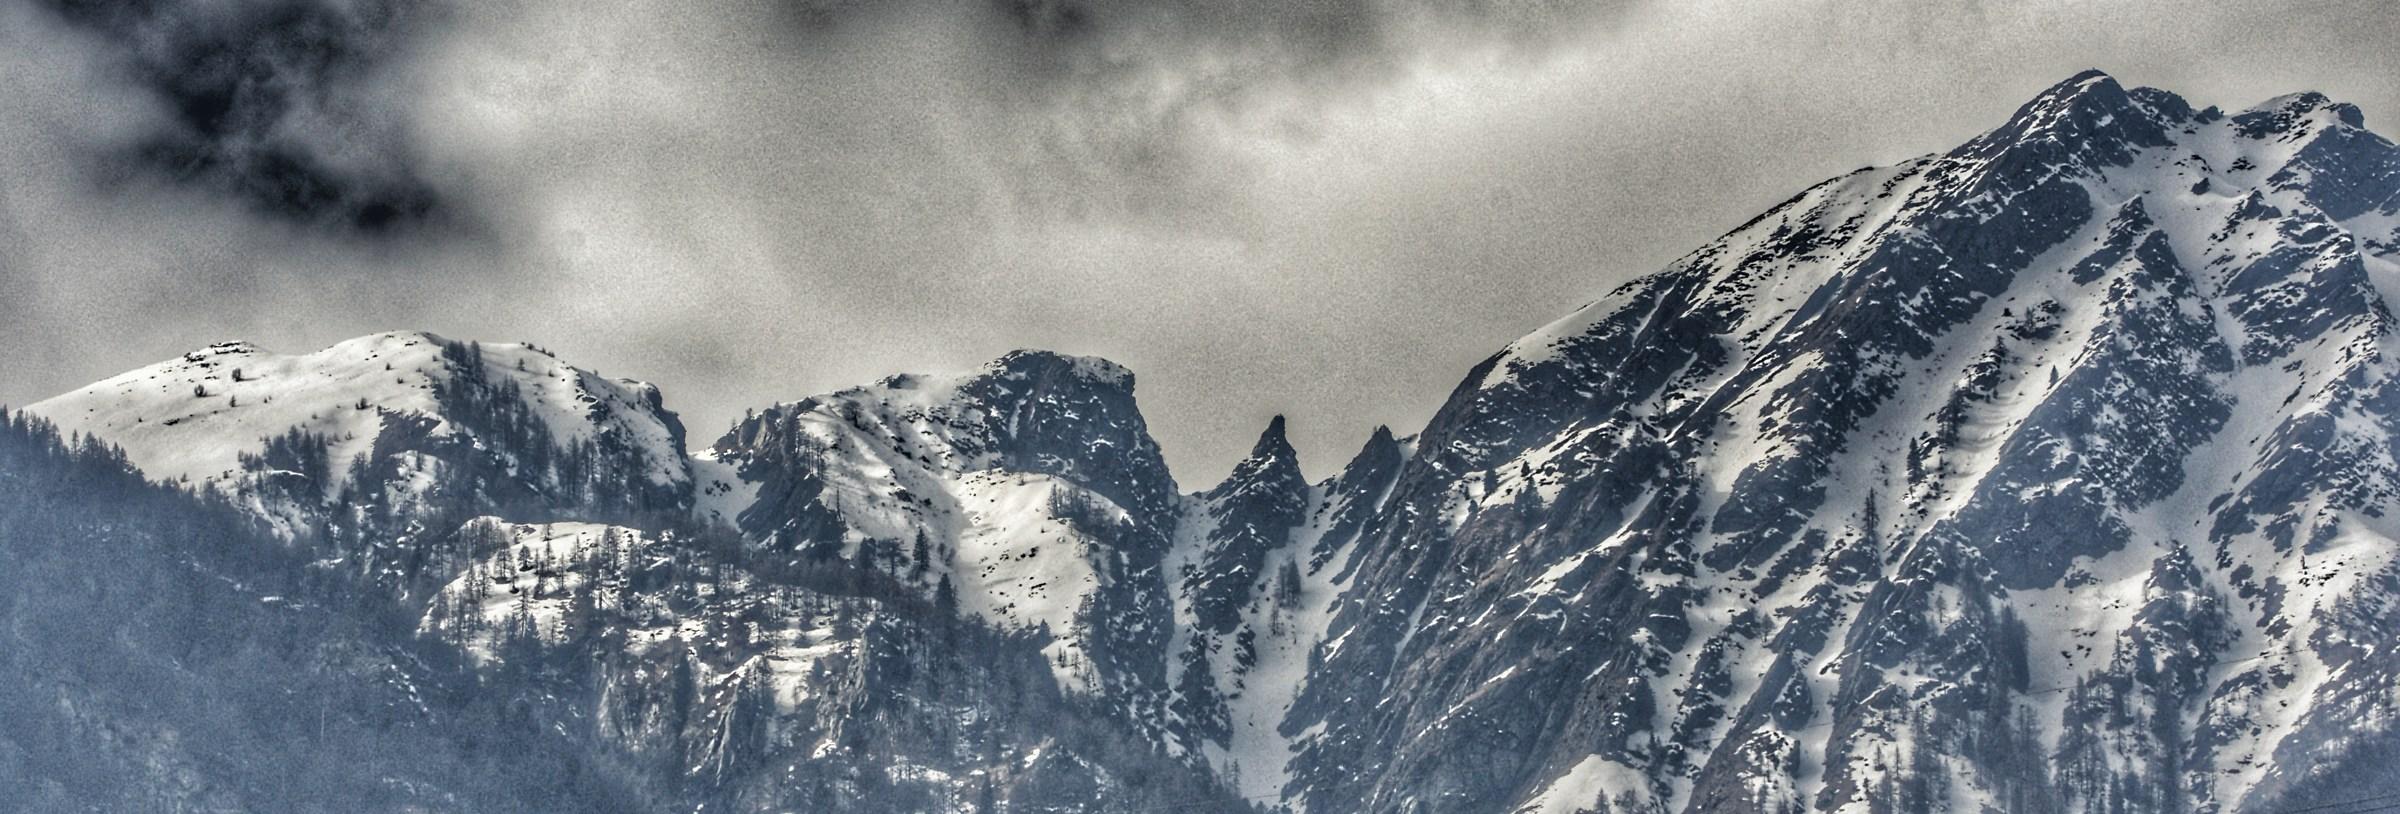 Mountains...